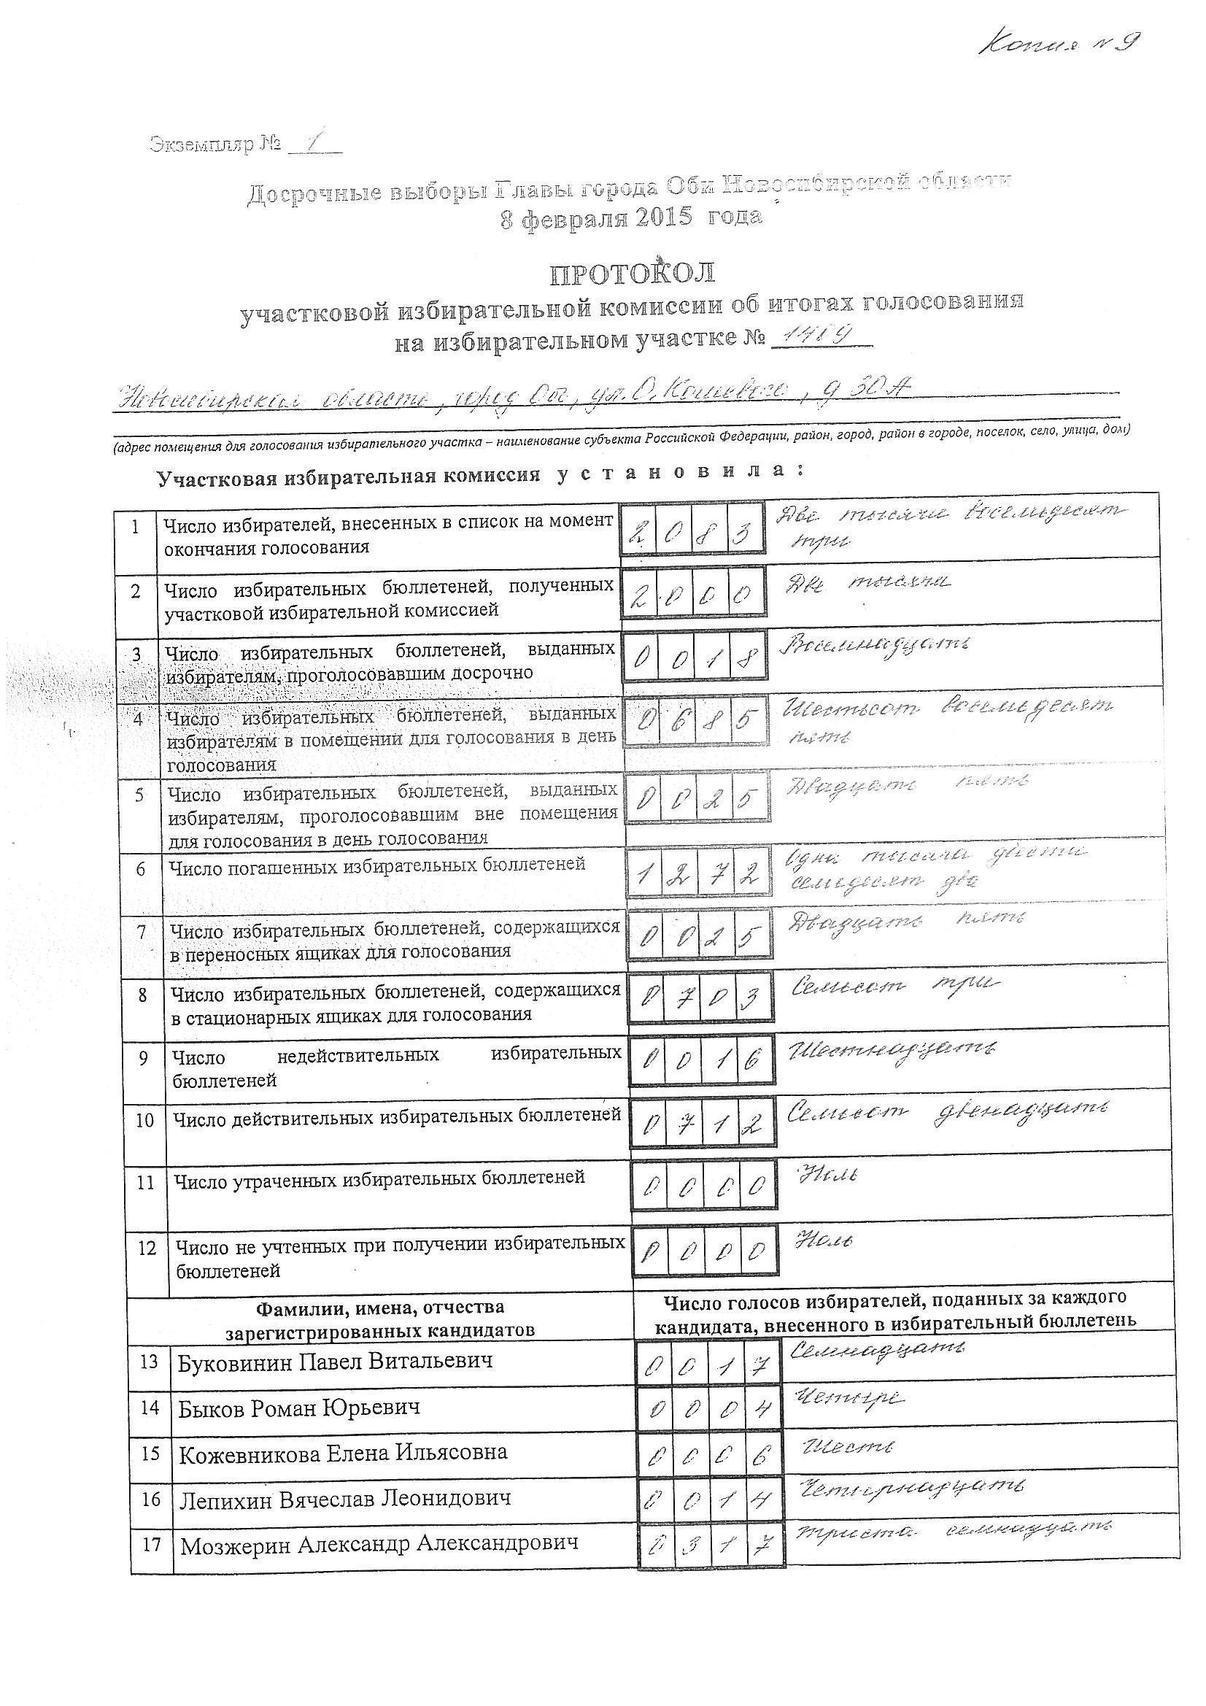 УИК №1409_1